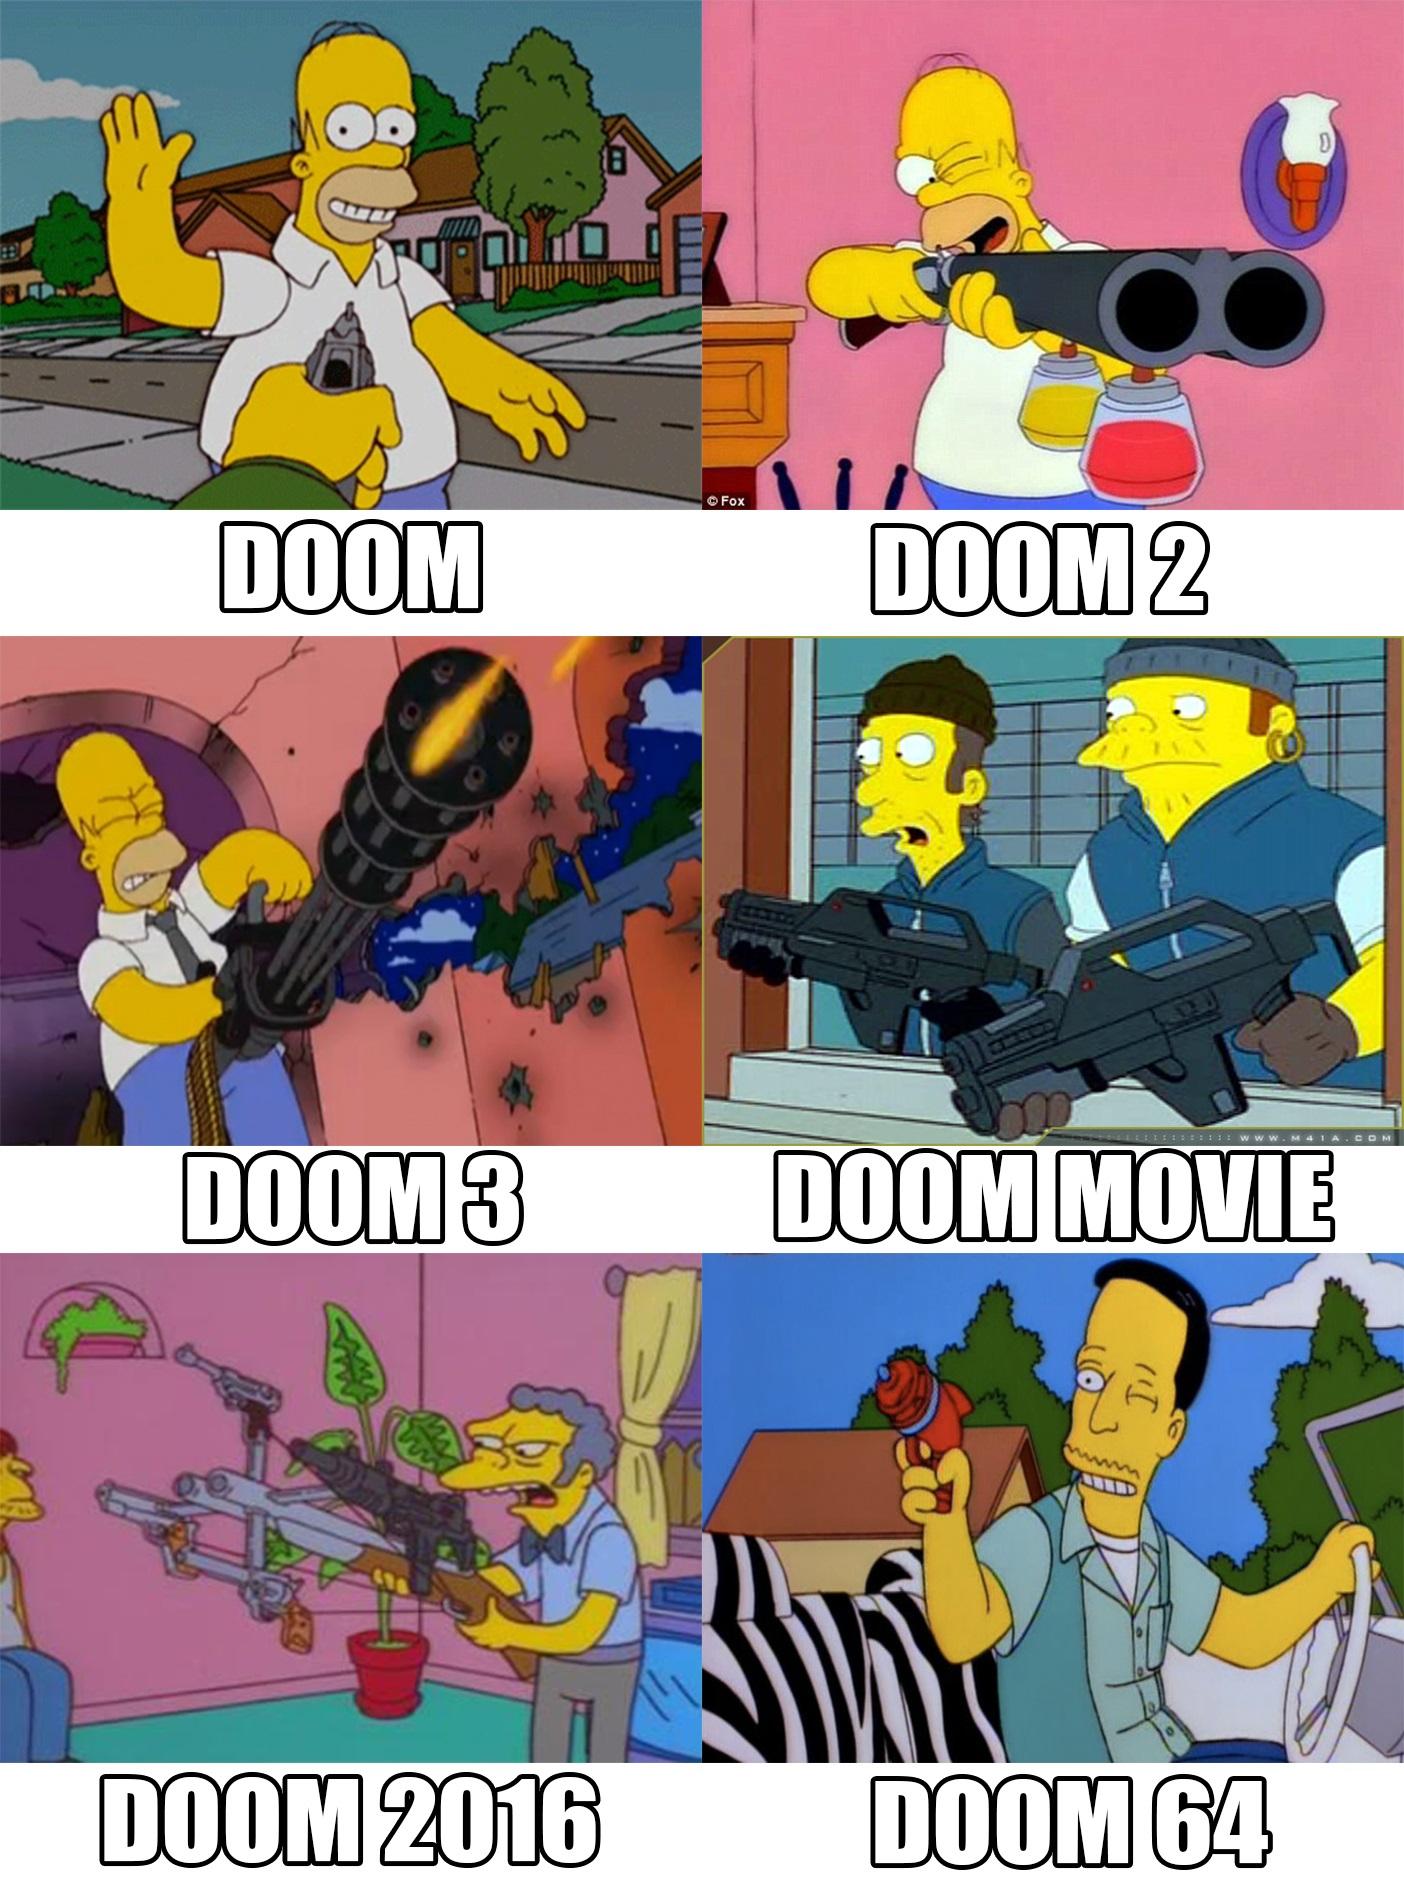 Al Franken Memes >> DOOM Simpsons | SpongeBob Comparison Charts | Know Your Meme